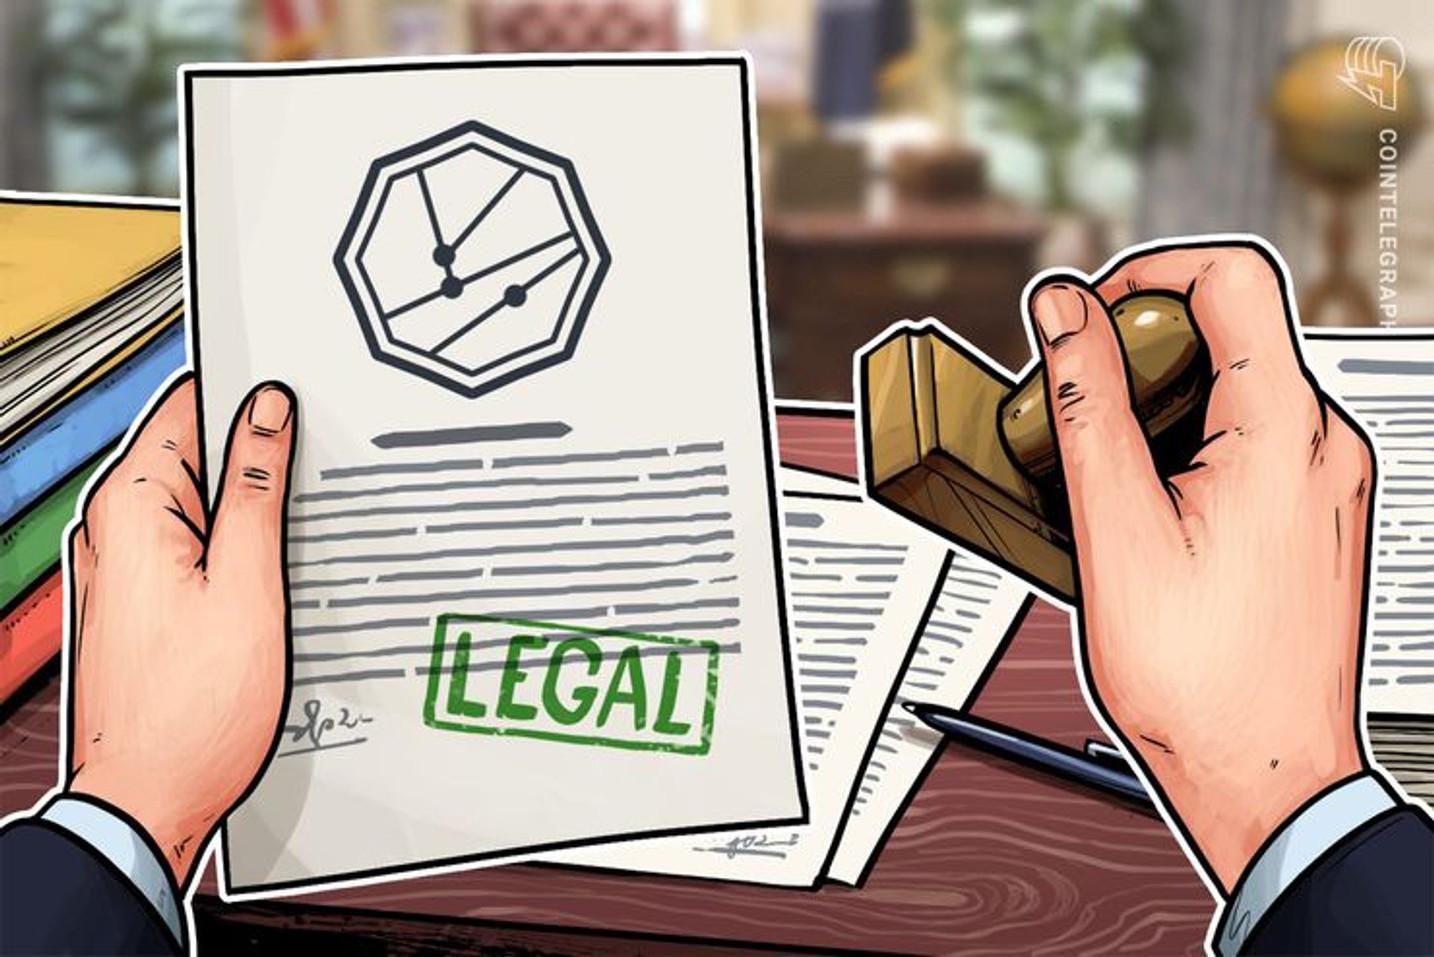 PONS IP y Signeblock lanzan plataforma Safe Evidence pare servicios legales con blockchain